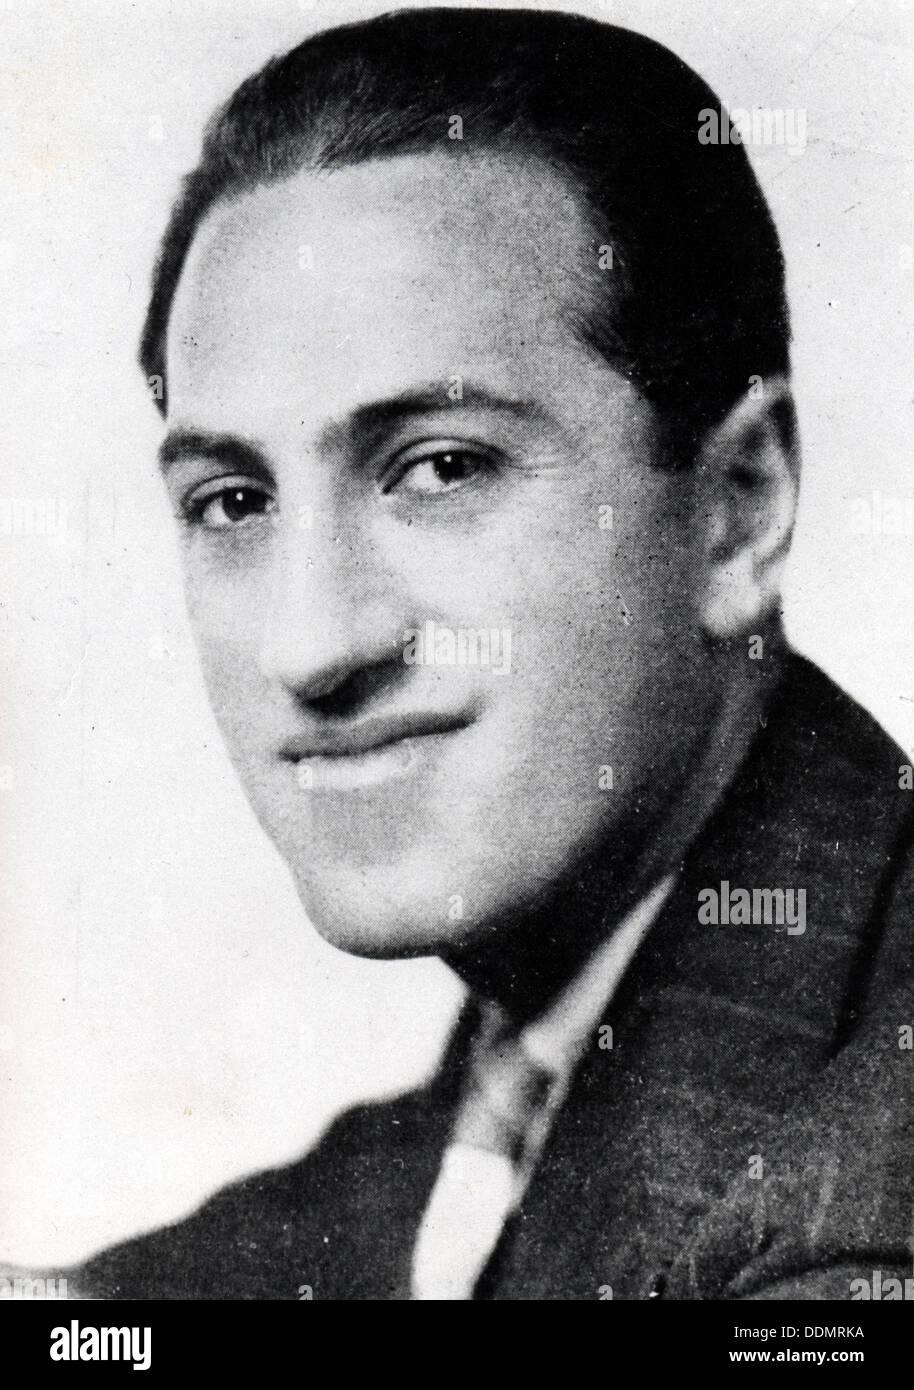 George Gershwin (1898 - 1937). - Stock Image